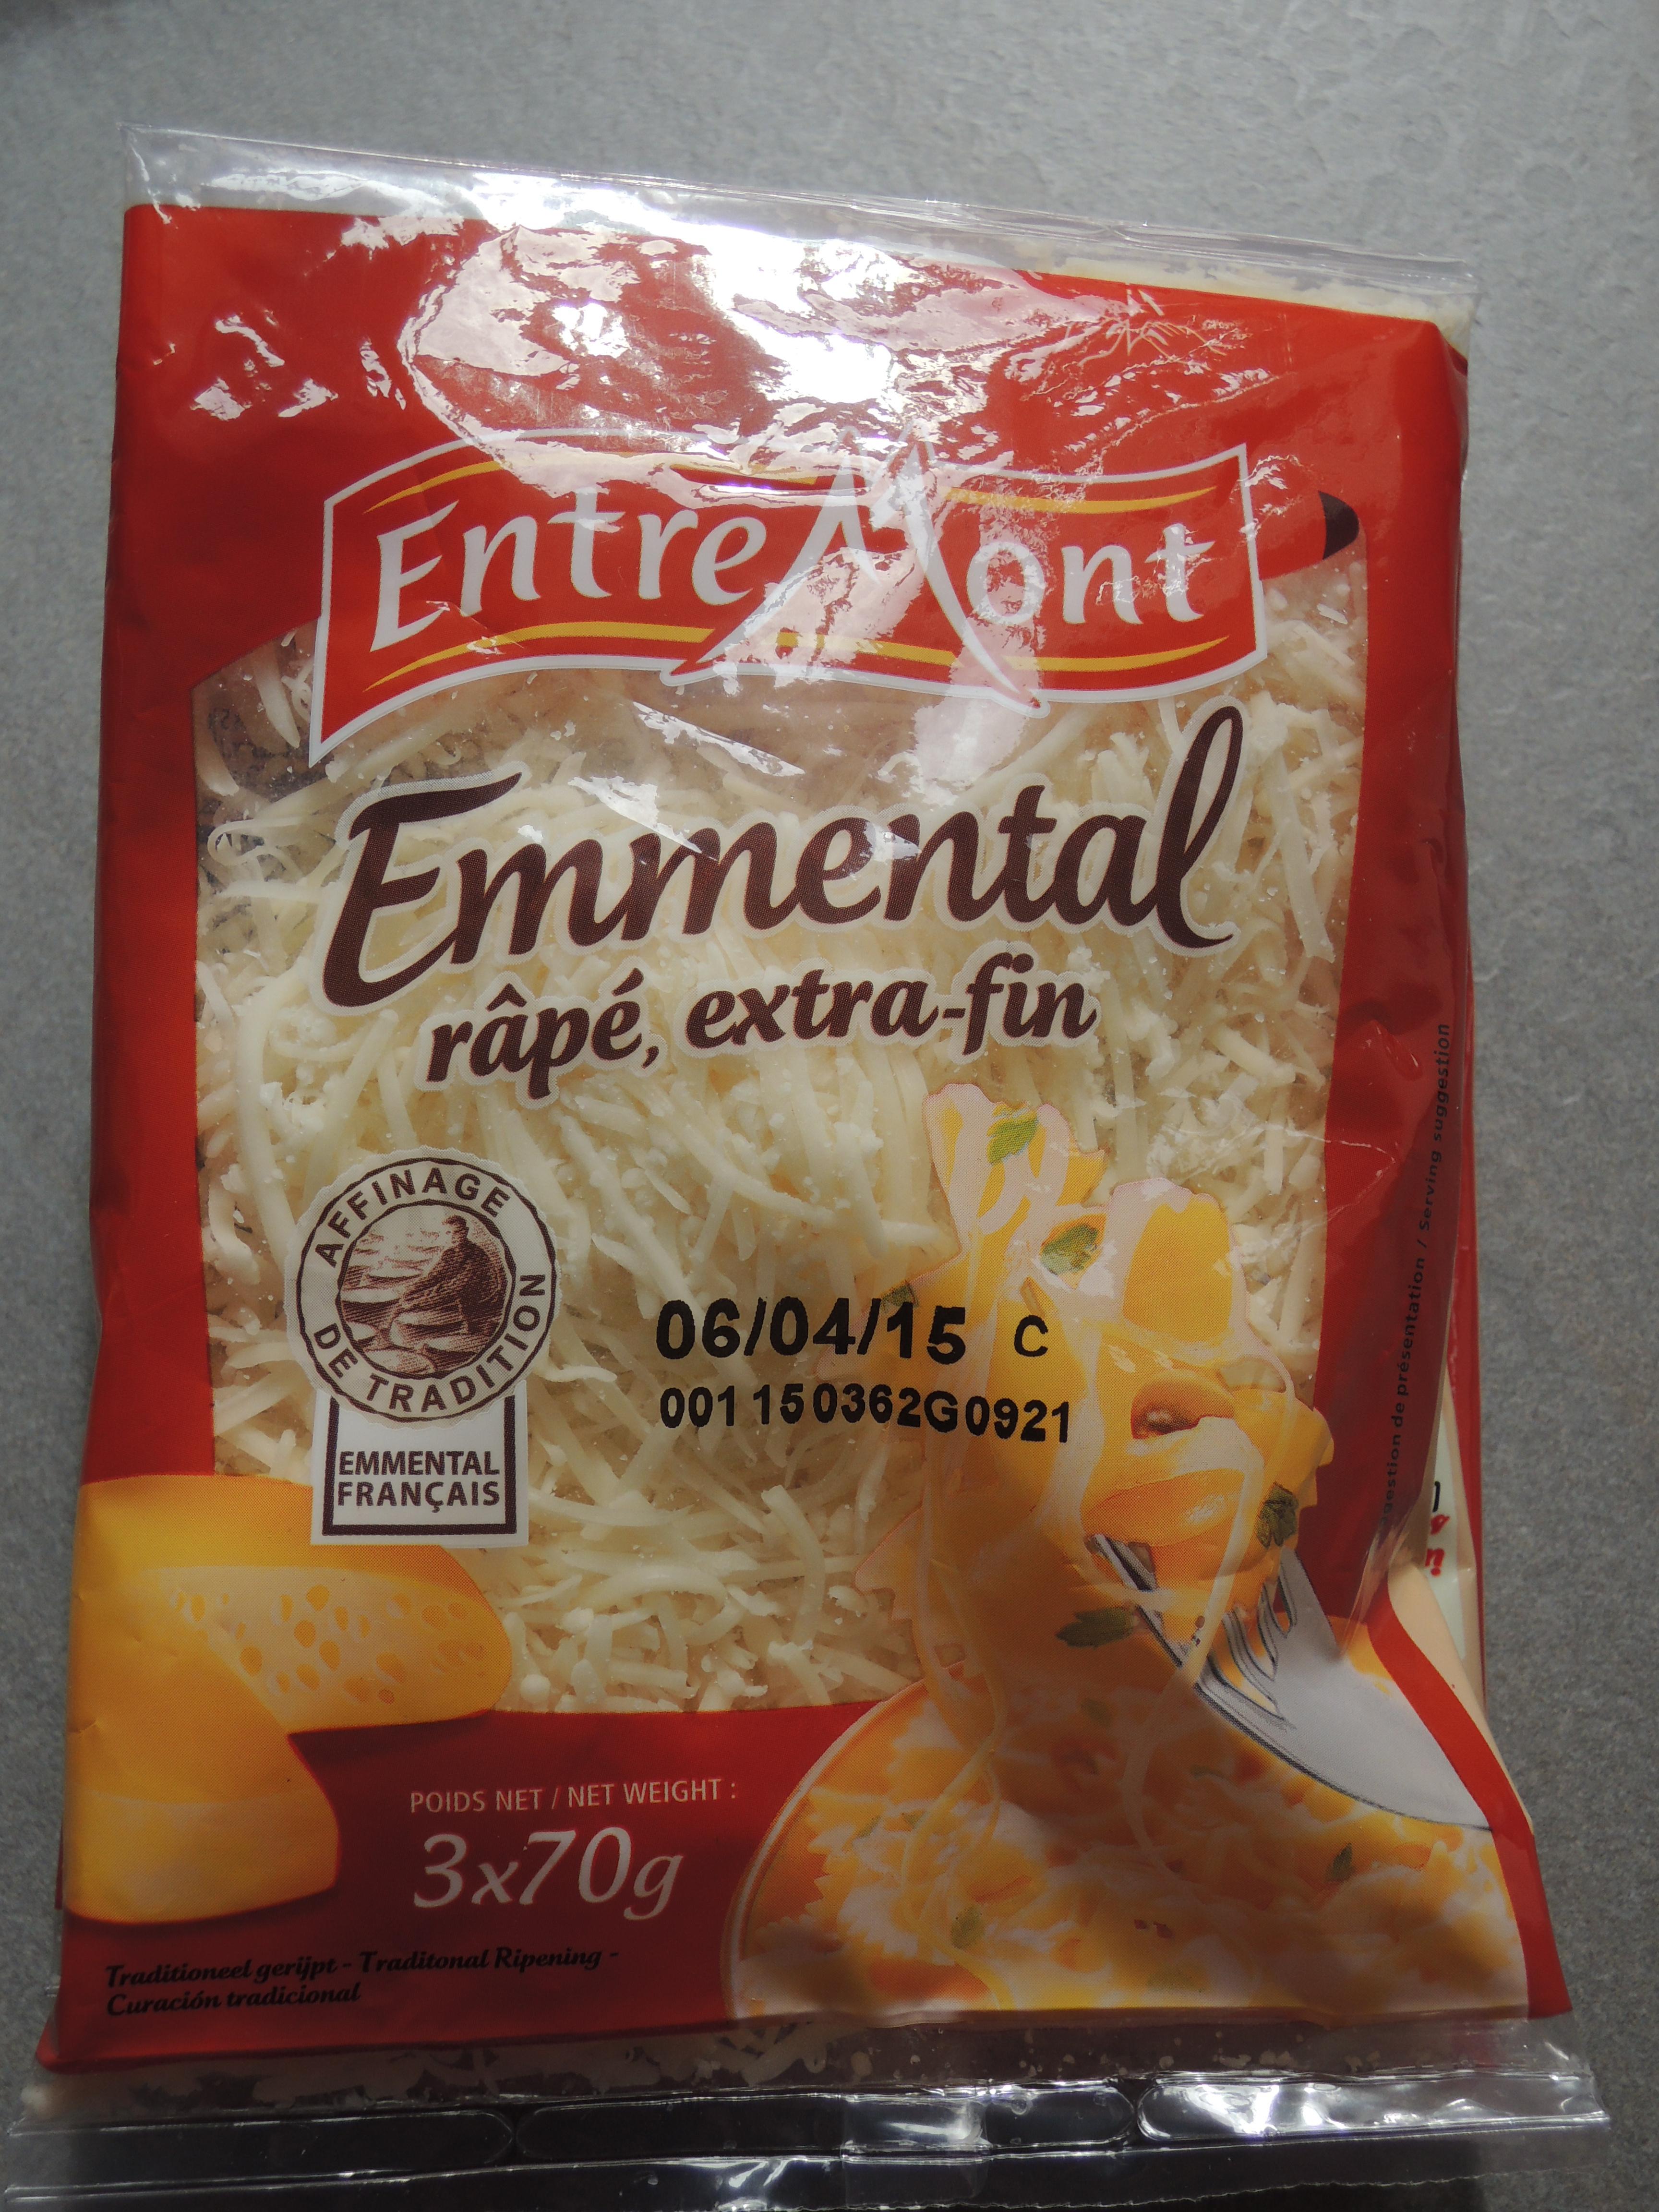 Emmental rapé extra fin Entremont - Produit